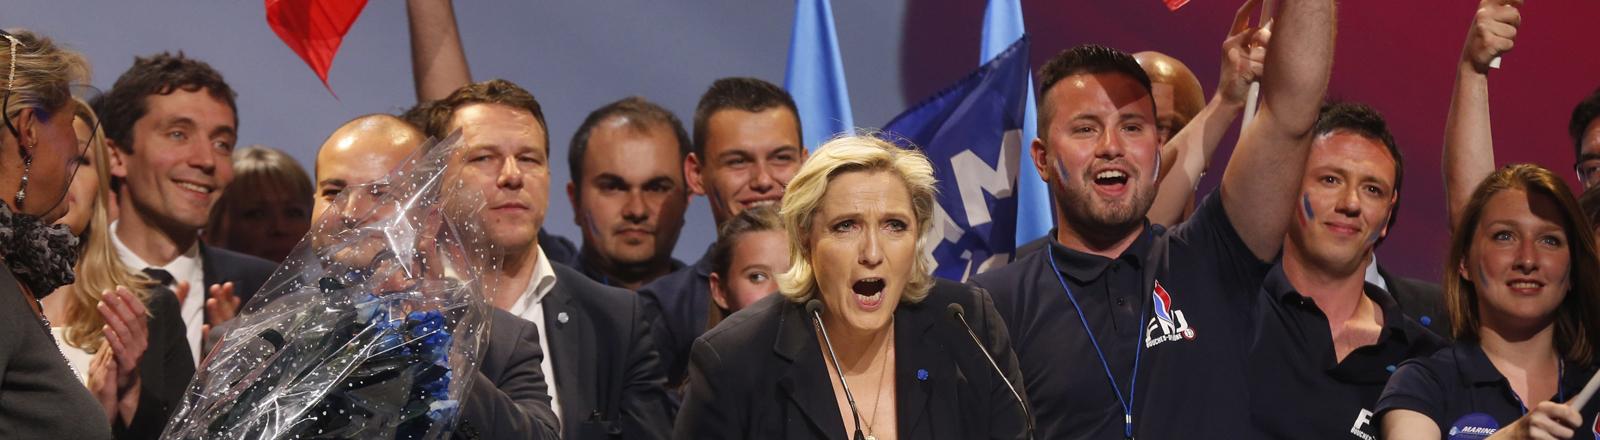 Marine Le Pen und Anhänger bei einer Wahlkampfveranstaltung